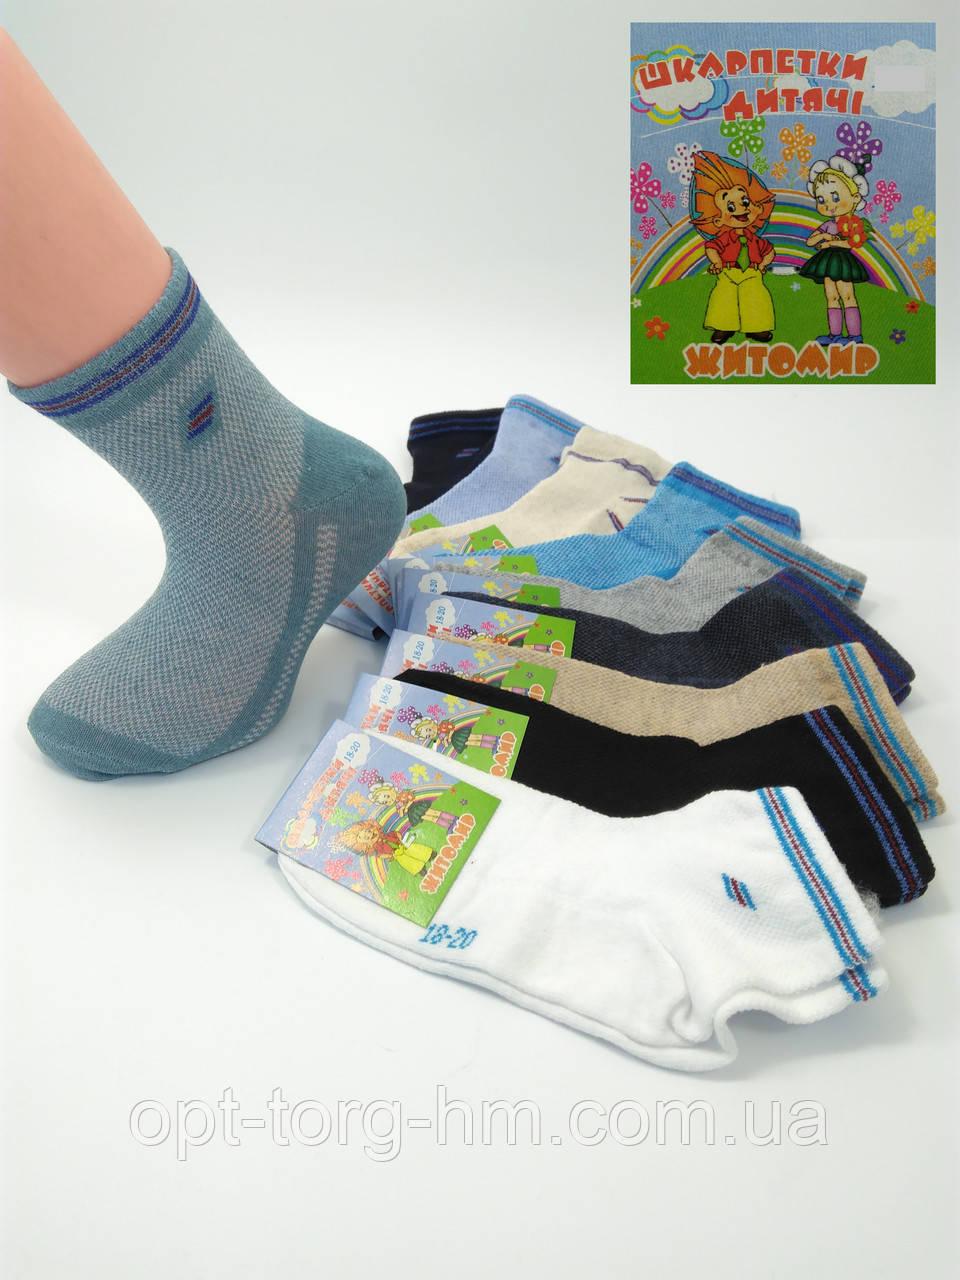 Детские носки Микс сетка 18-20 (28-31обувь)